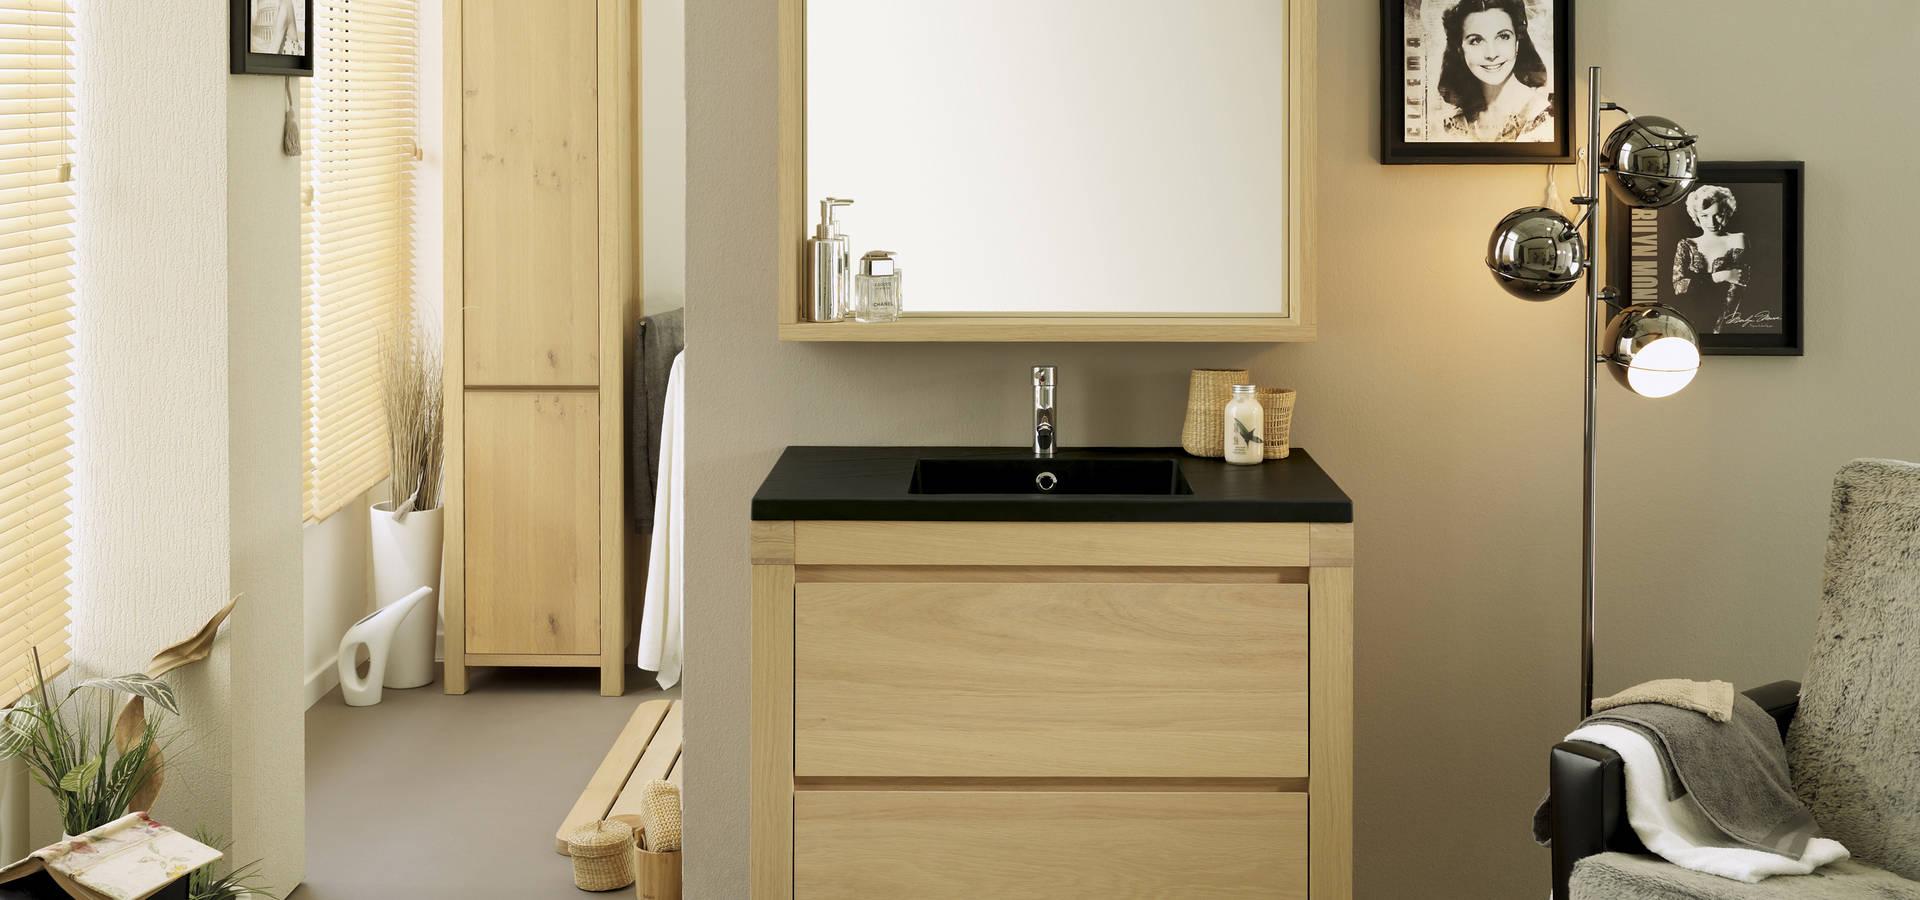 Parisot furniture accessories in saint loup sur semouse cedex homify - Www parisot com ...